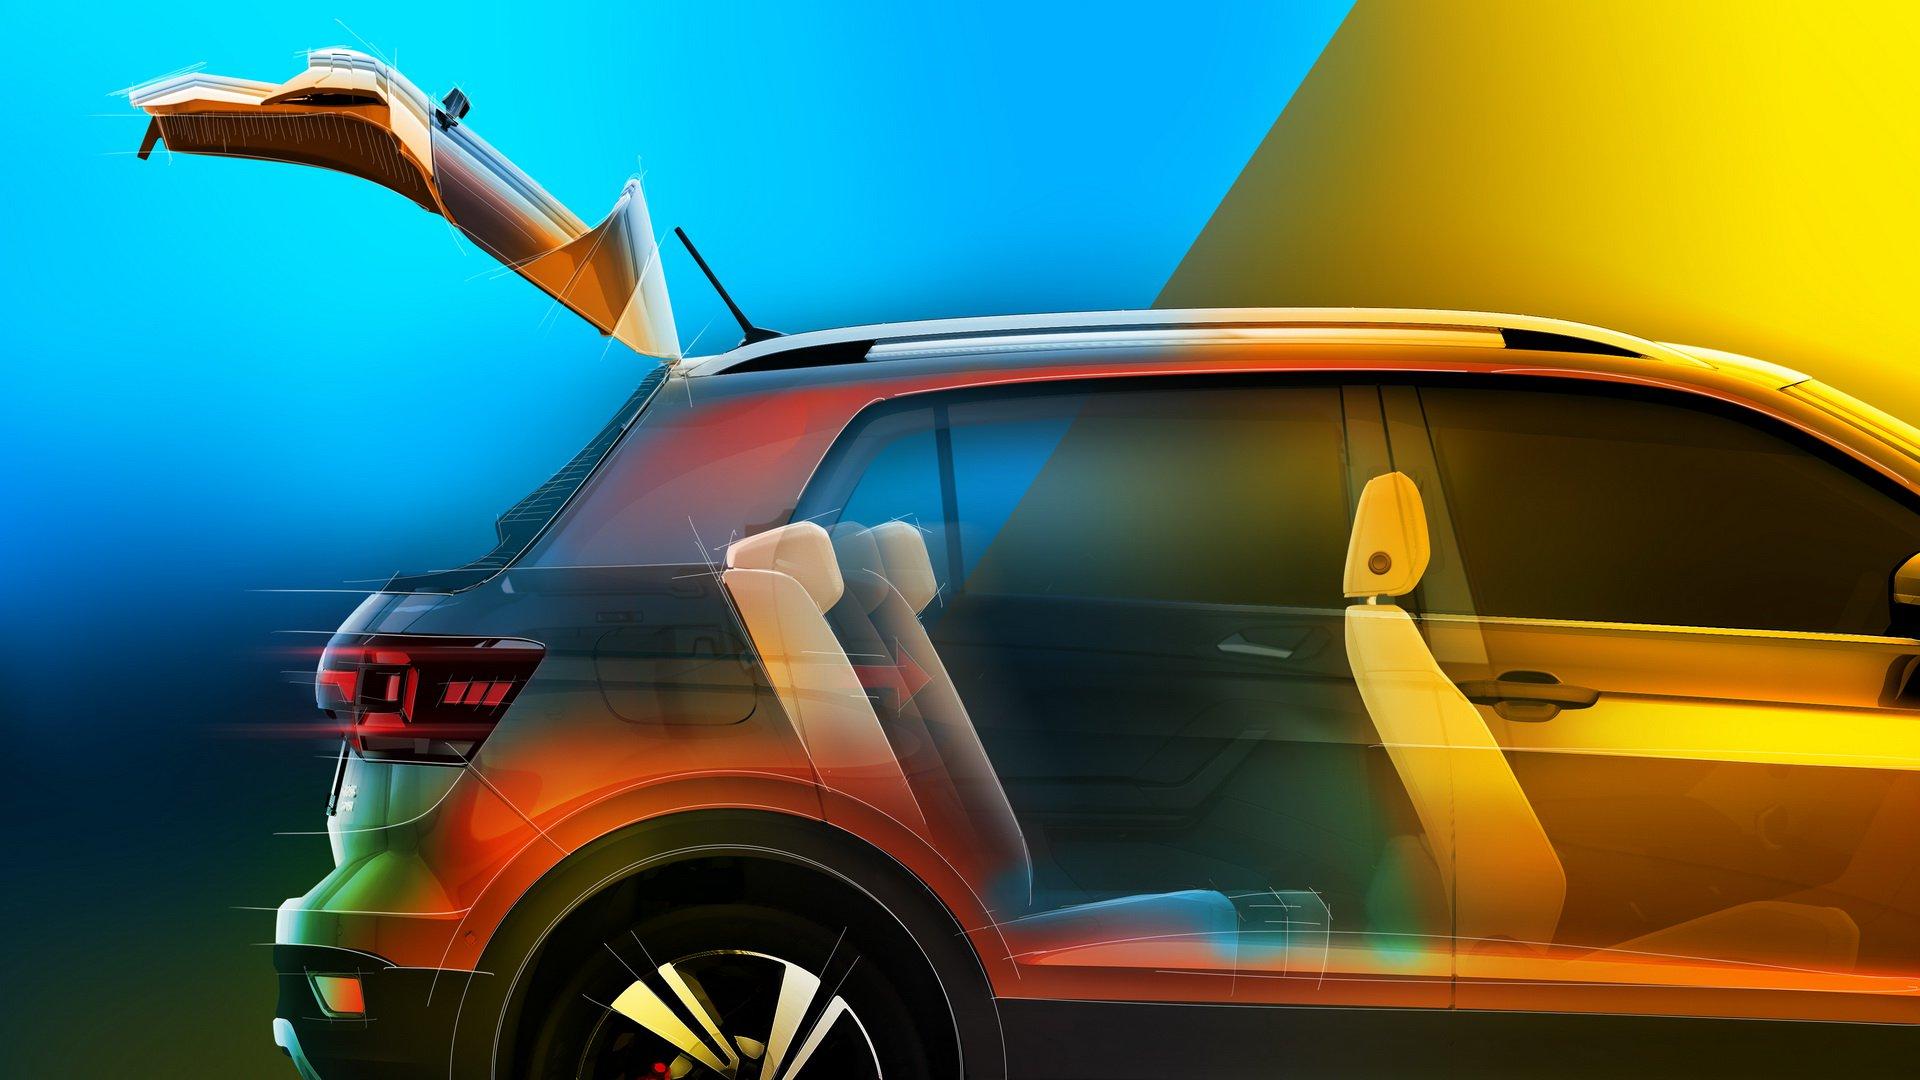 Немецкий автомобилестроитель «Фольксваген» рассекретил некоторые подробности интерьера T-Cross и опубликовал очередные изображения компактного кроссовера